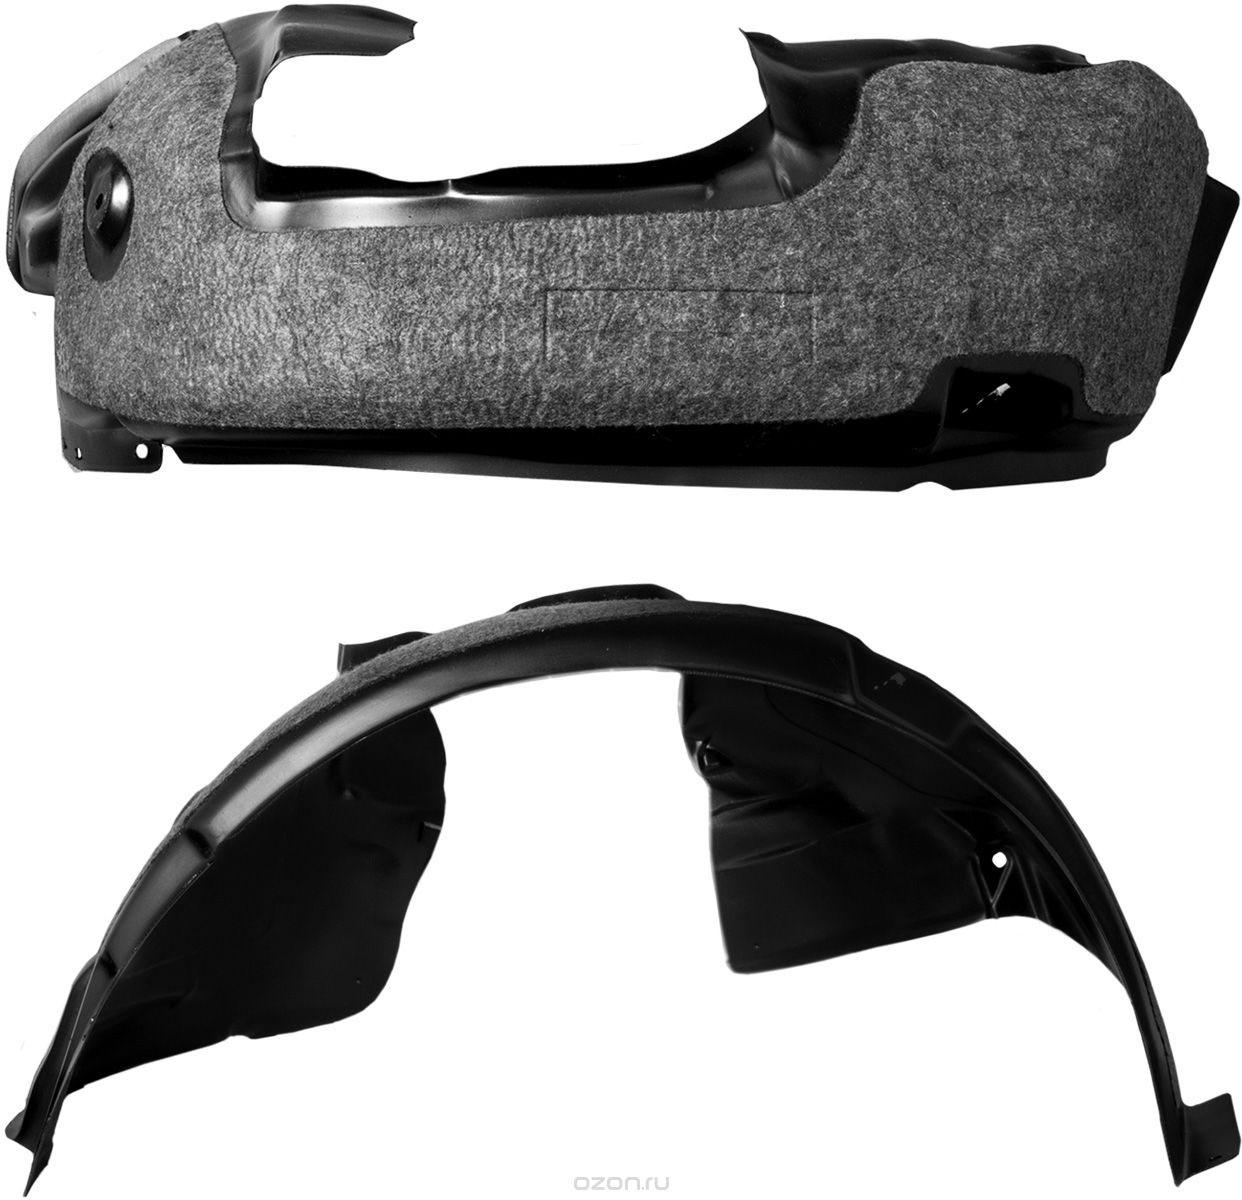 Подкрылок Novline-Autofamily, с шумоизоляцией, для CHERY Tiggo 5 FL, 2016->, кроссовер, задний правыйNLS.63.17.004Идеальная защита колесной ниши. Локеры разработаны с применением цифровых технологий, гарантируют максимальную повторяемость поверхности арки. Изделия устанавливаются без нарушения лакокрасочного покрытия автомобиля, каждый подкрылок комплектуется крепежом. Уважаемые клиенты, обращаем ваше внимание, что фотографии на подкрылки универсальные и не отражают реальную форму изделия. При этом само изделие идет точно под размер указанного автомобиля.